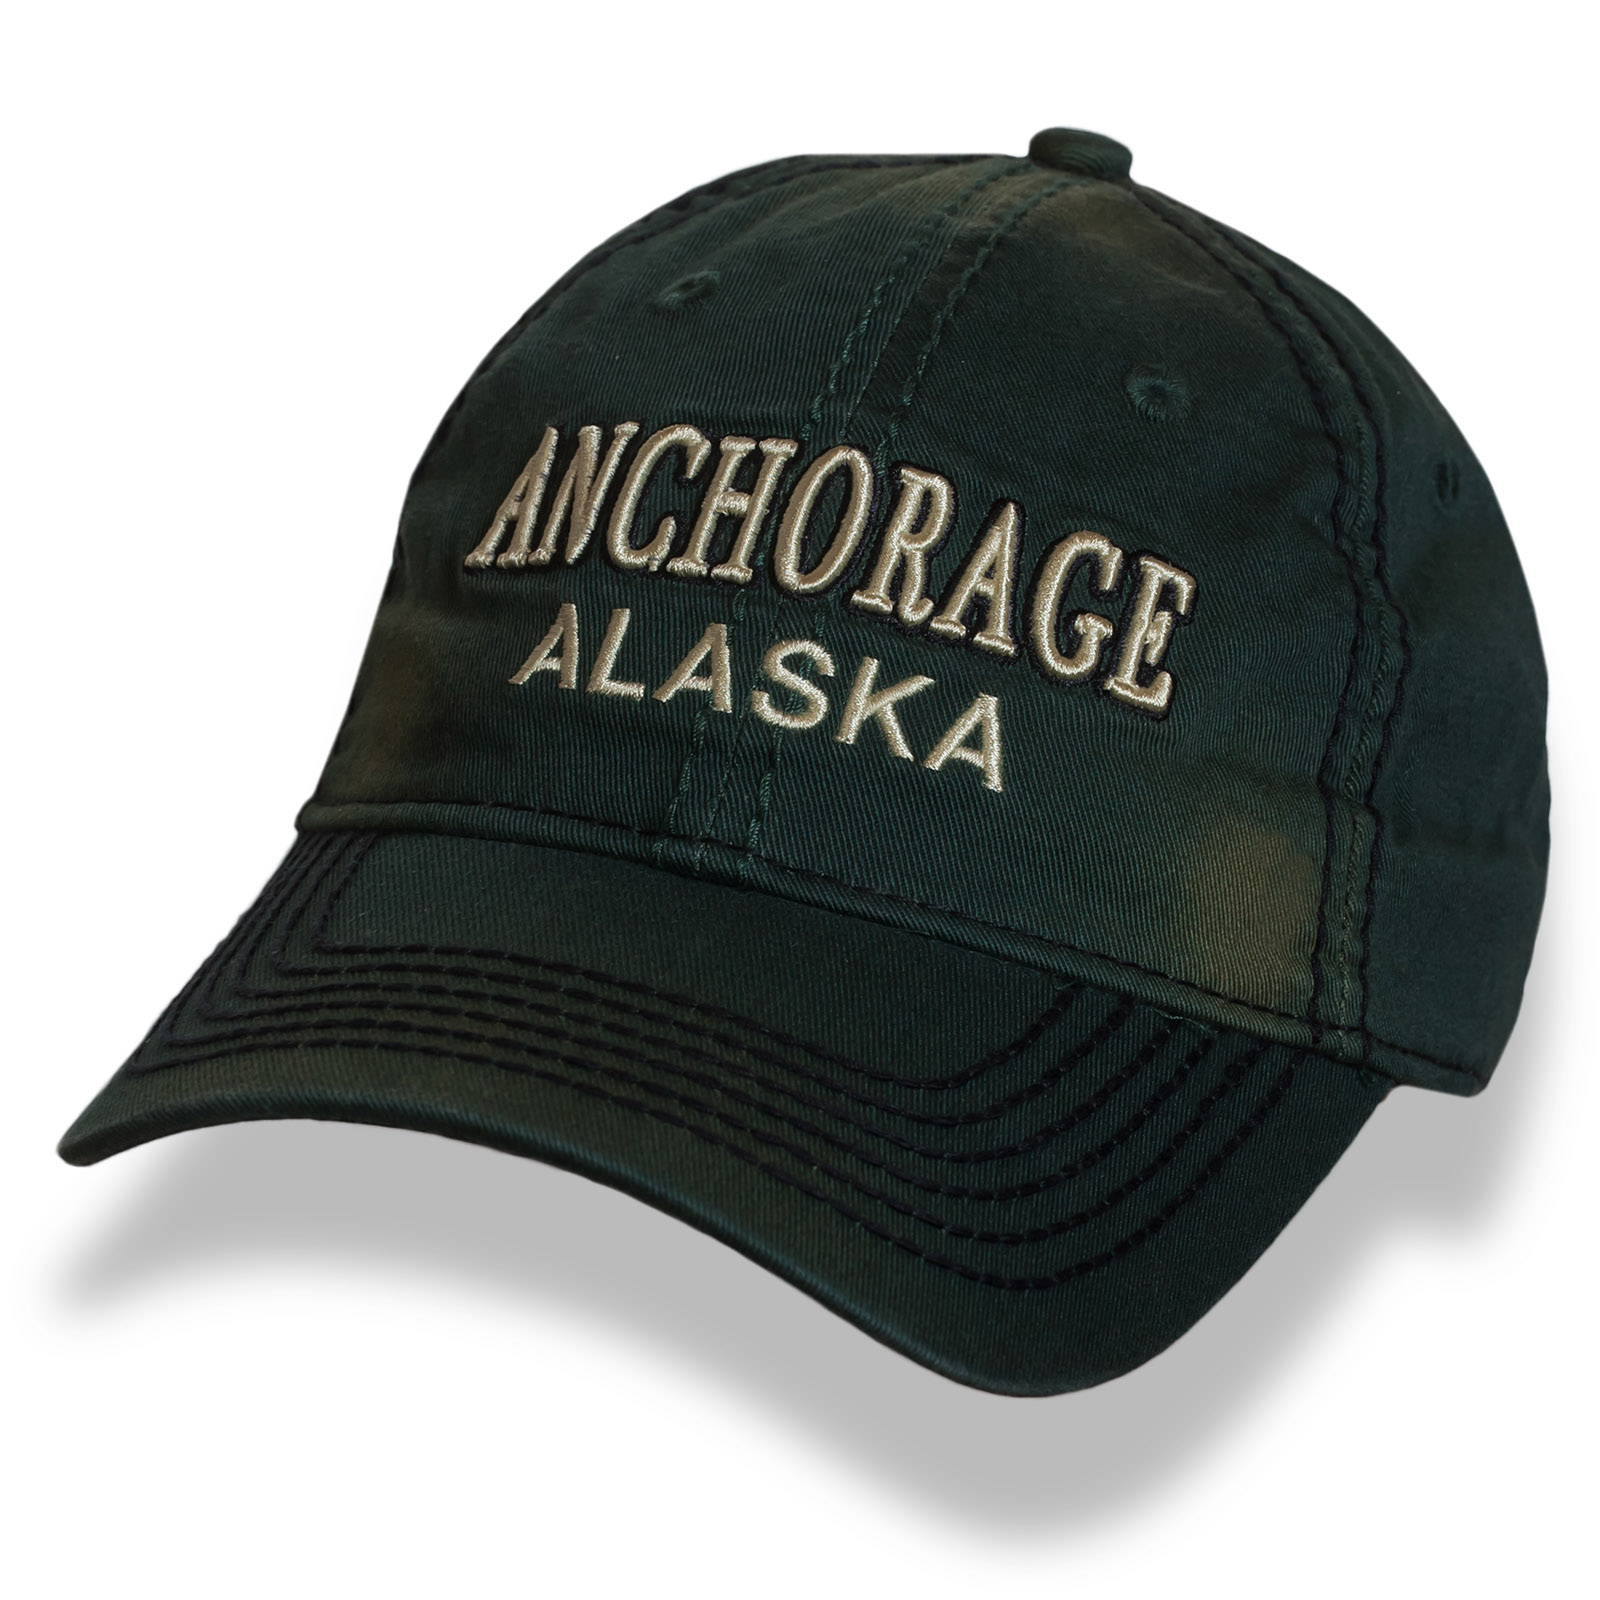 Темно-зеленая бейсболка Alaska классического кроя